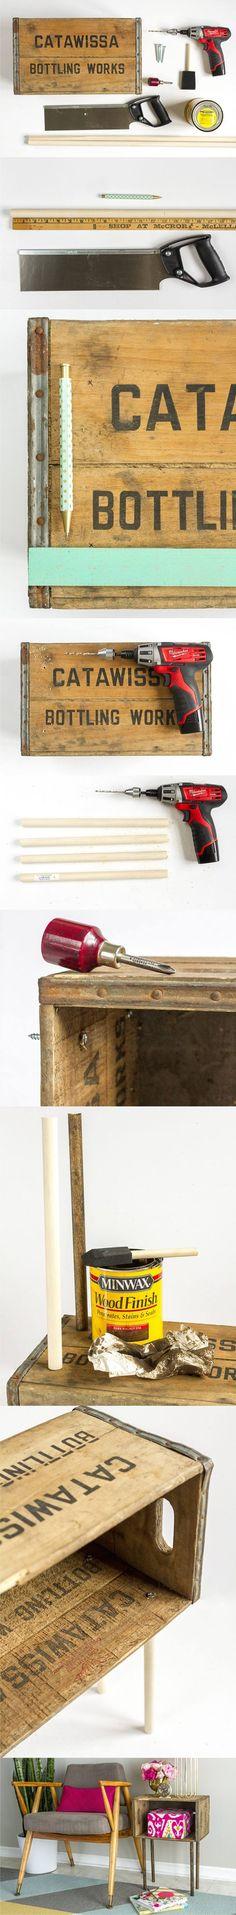 Mesa DIY con una caja - ehow.com - DIY Side Table/Night Stand